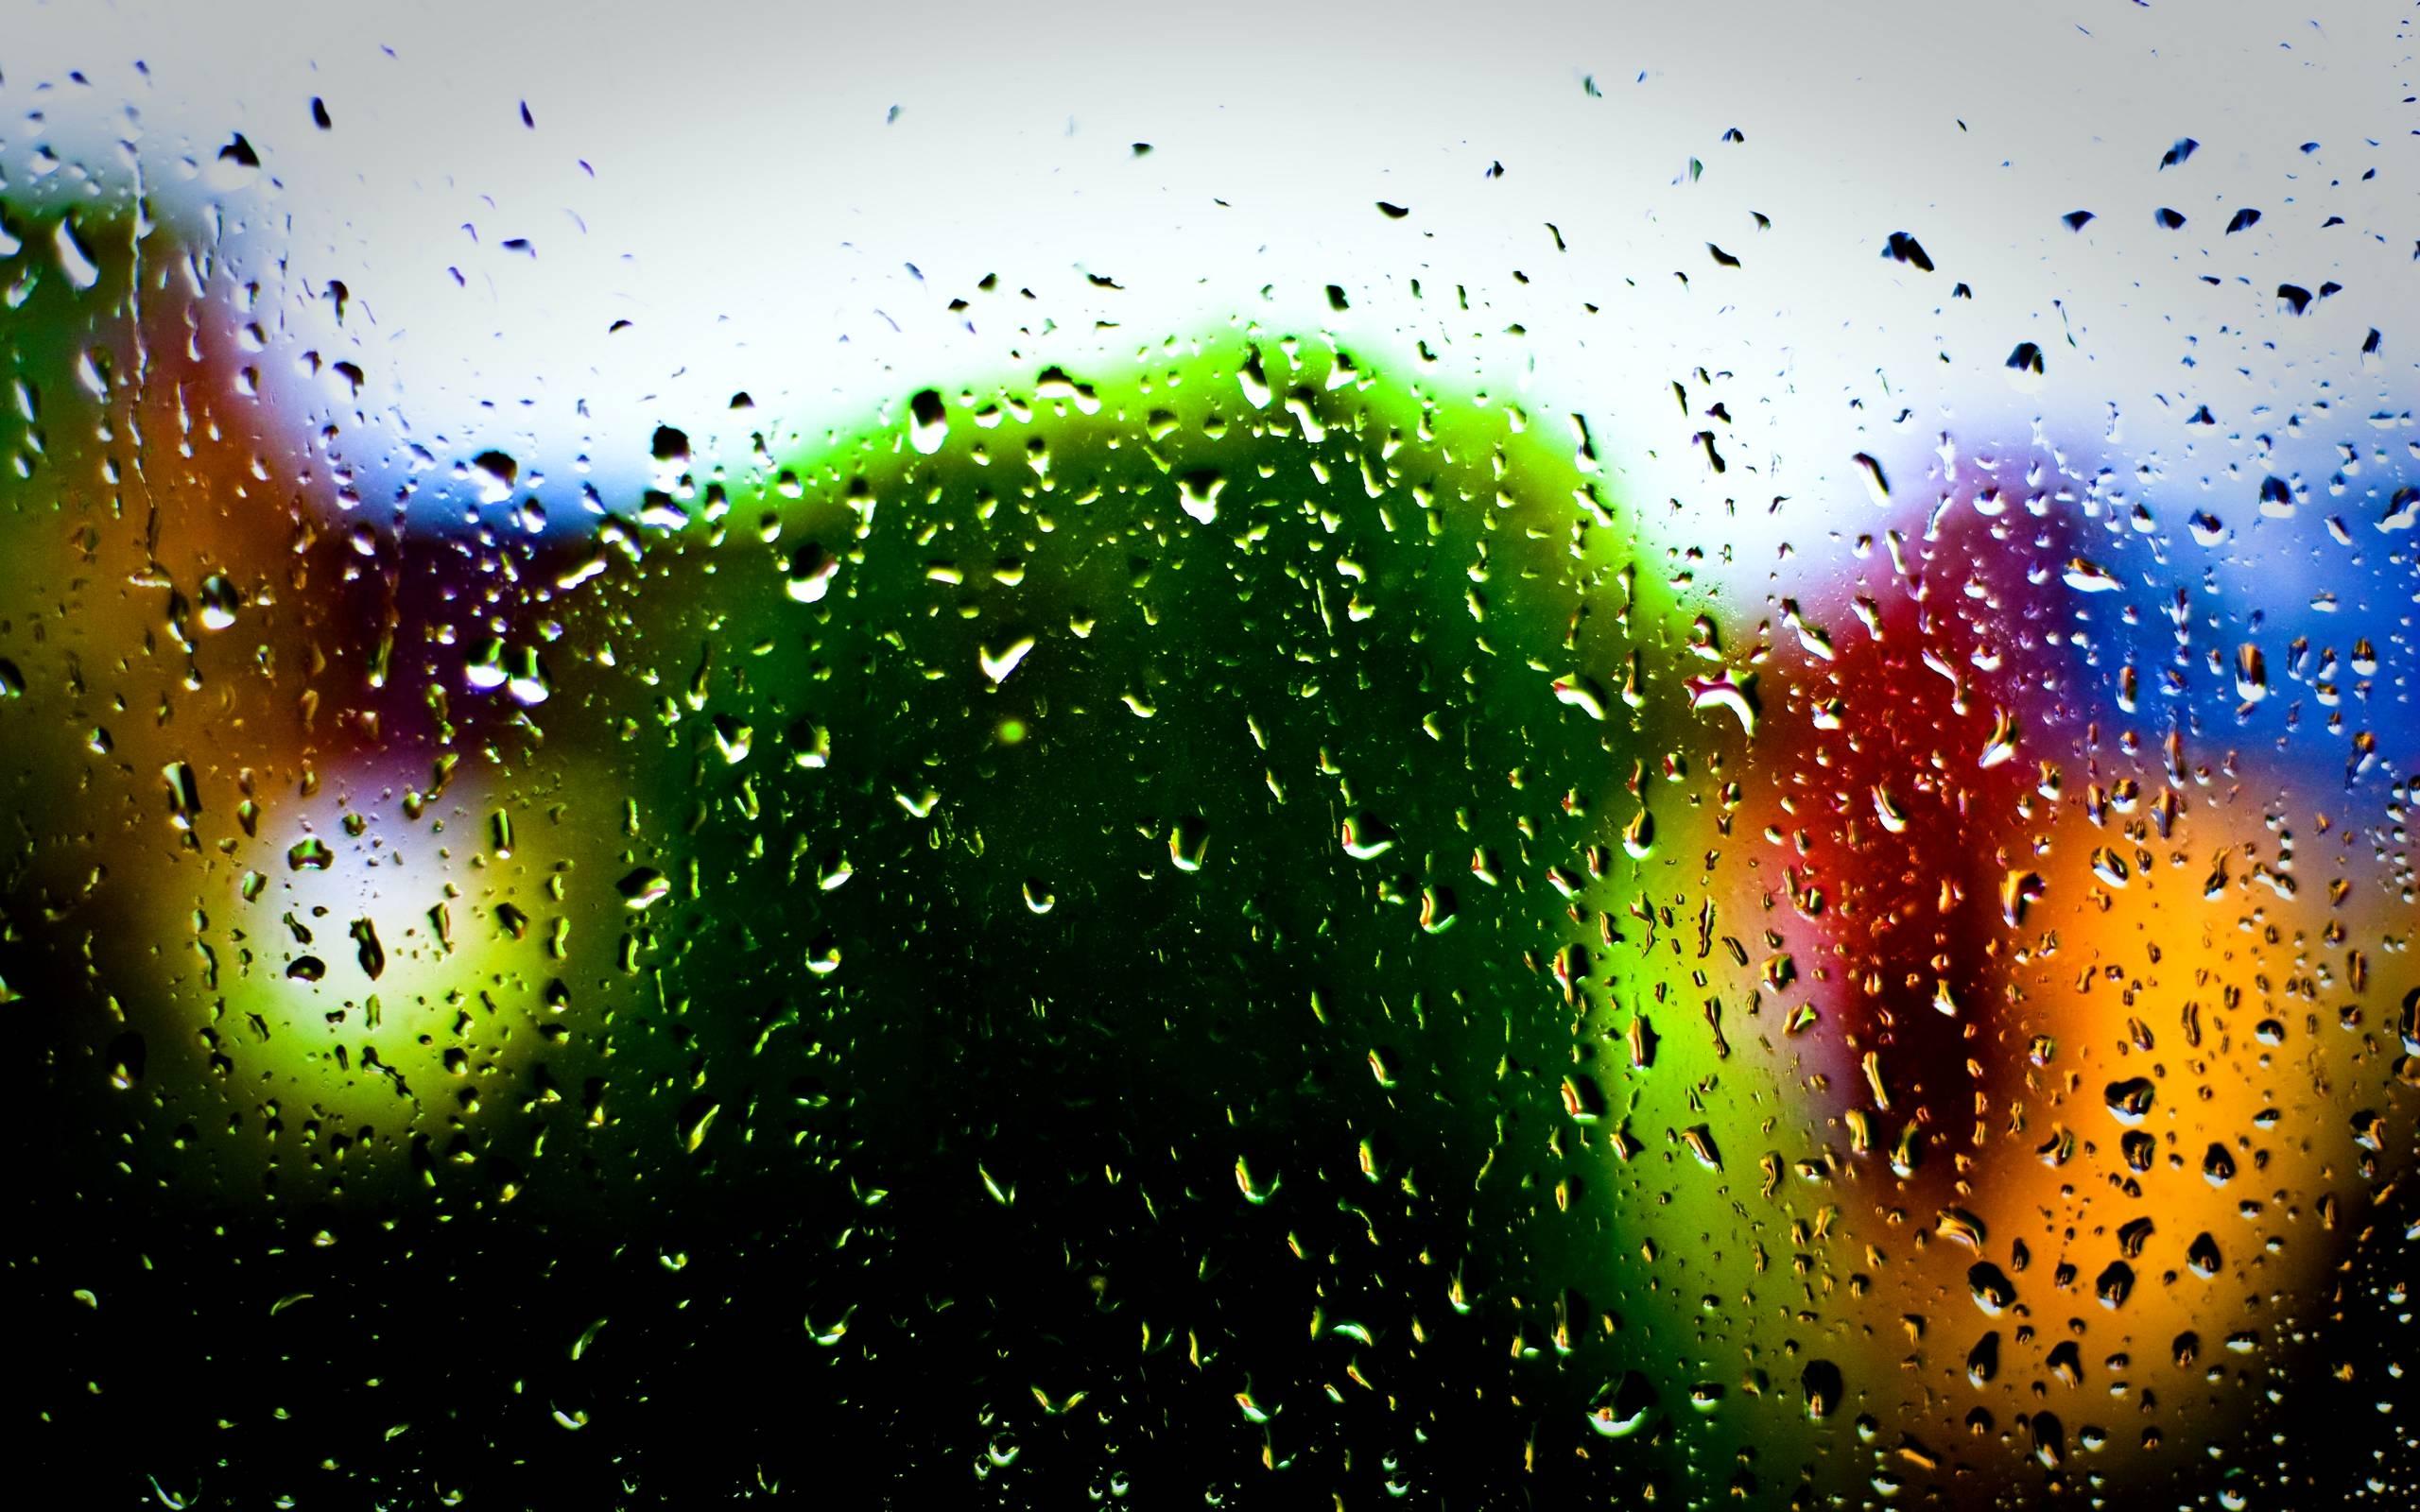 Rain drops wallpapers wallpaper cave - Rain drop wallpaper hd ...